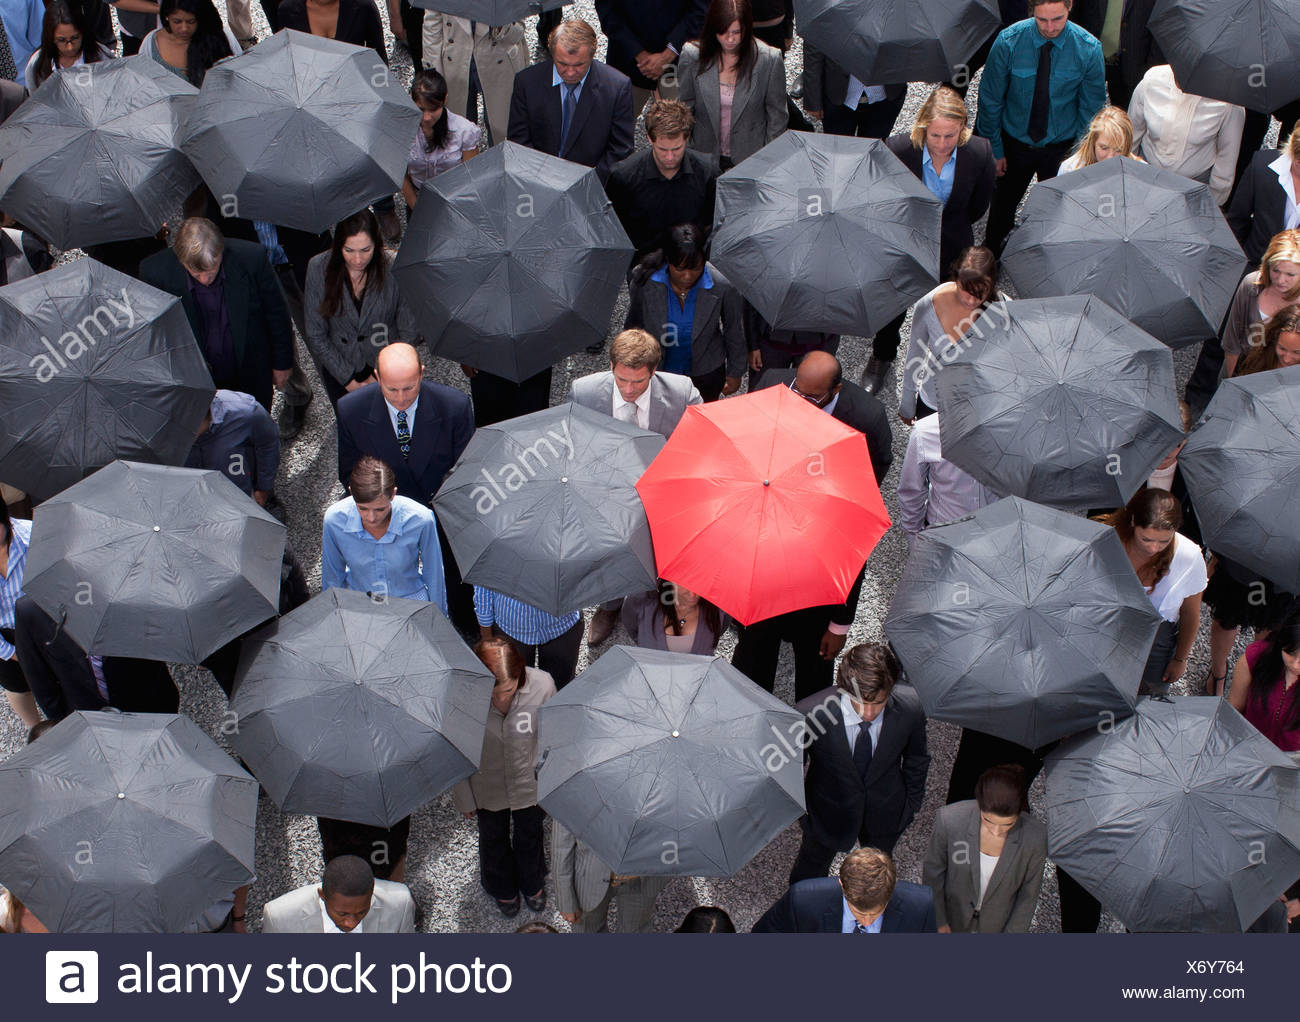 Roten Regenschirm stehen in Menge von Geschäftsleuten Stockbild